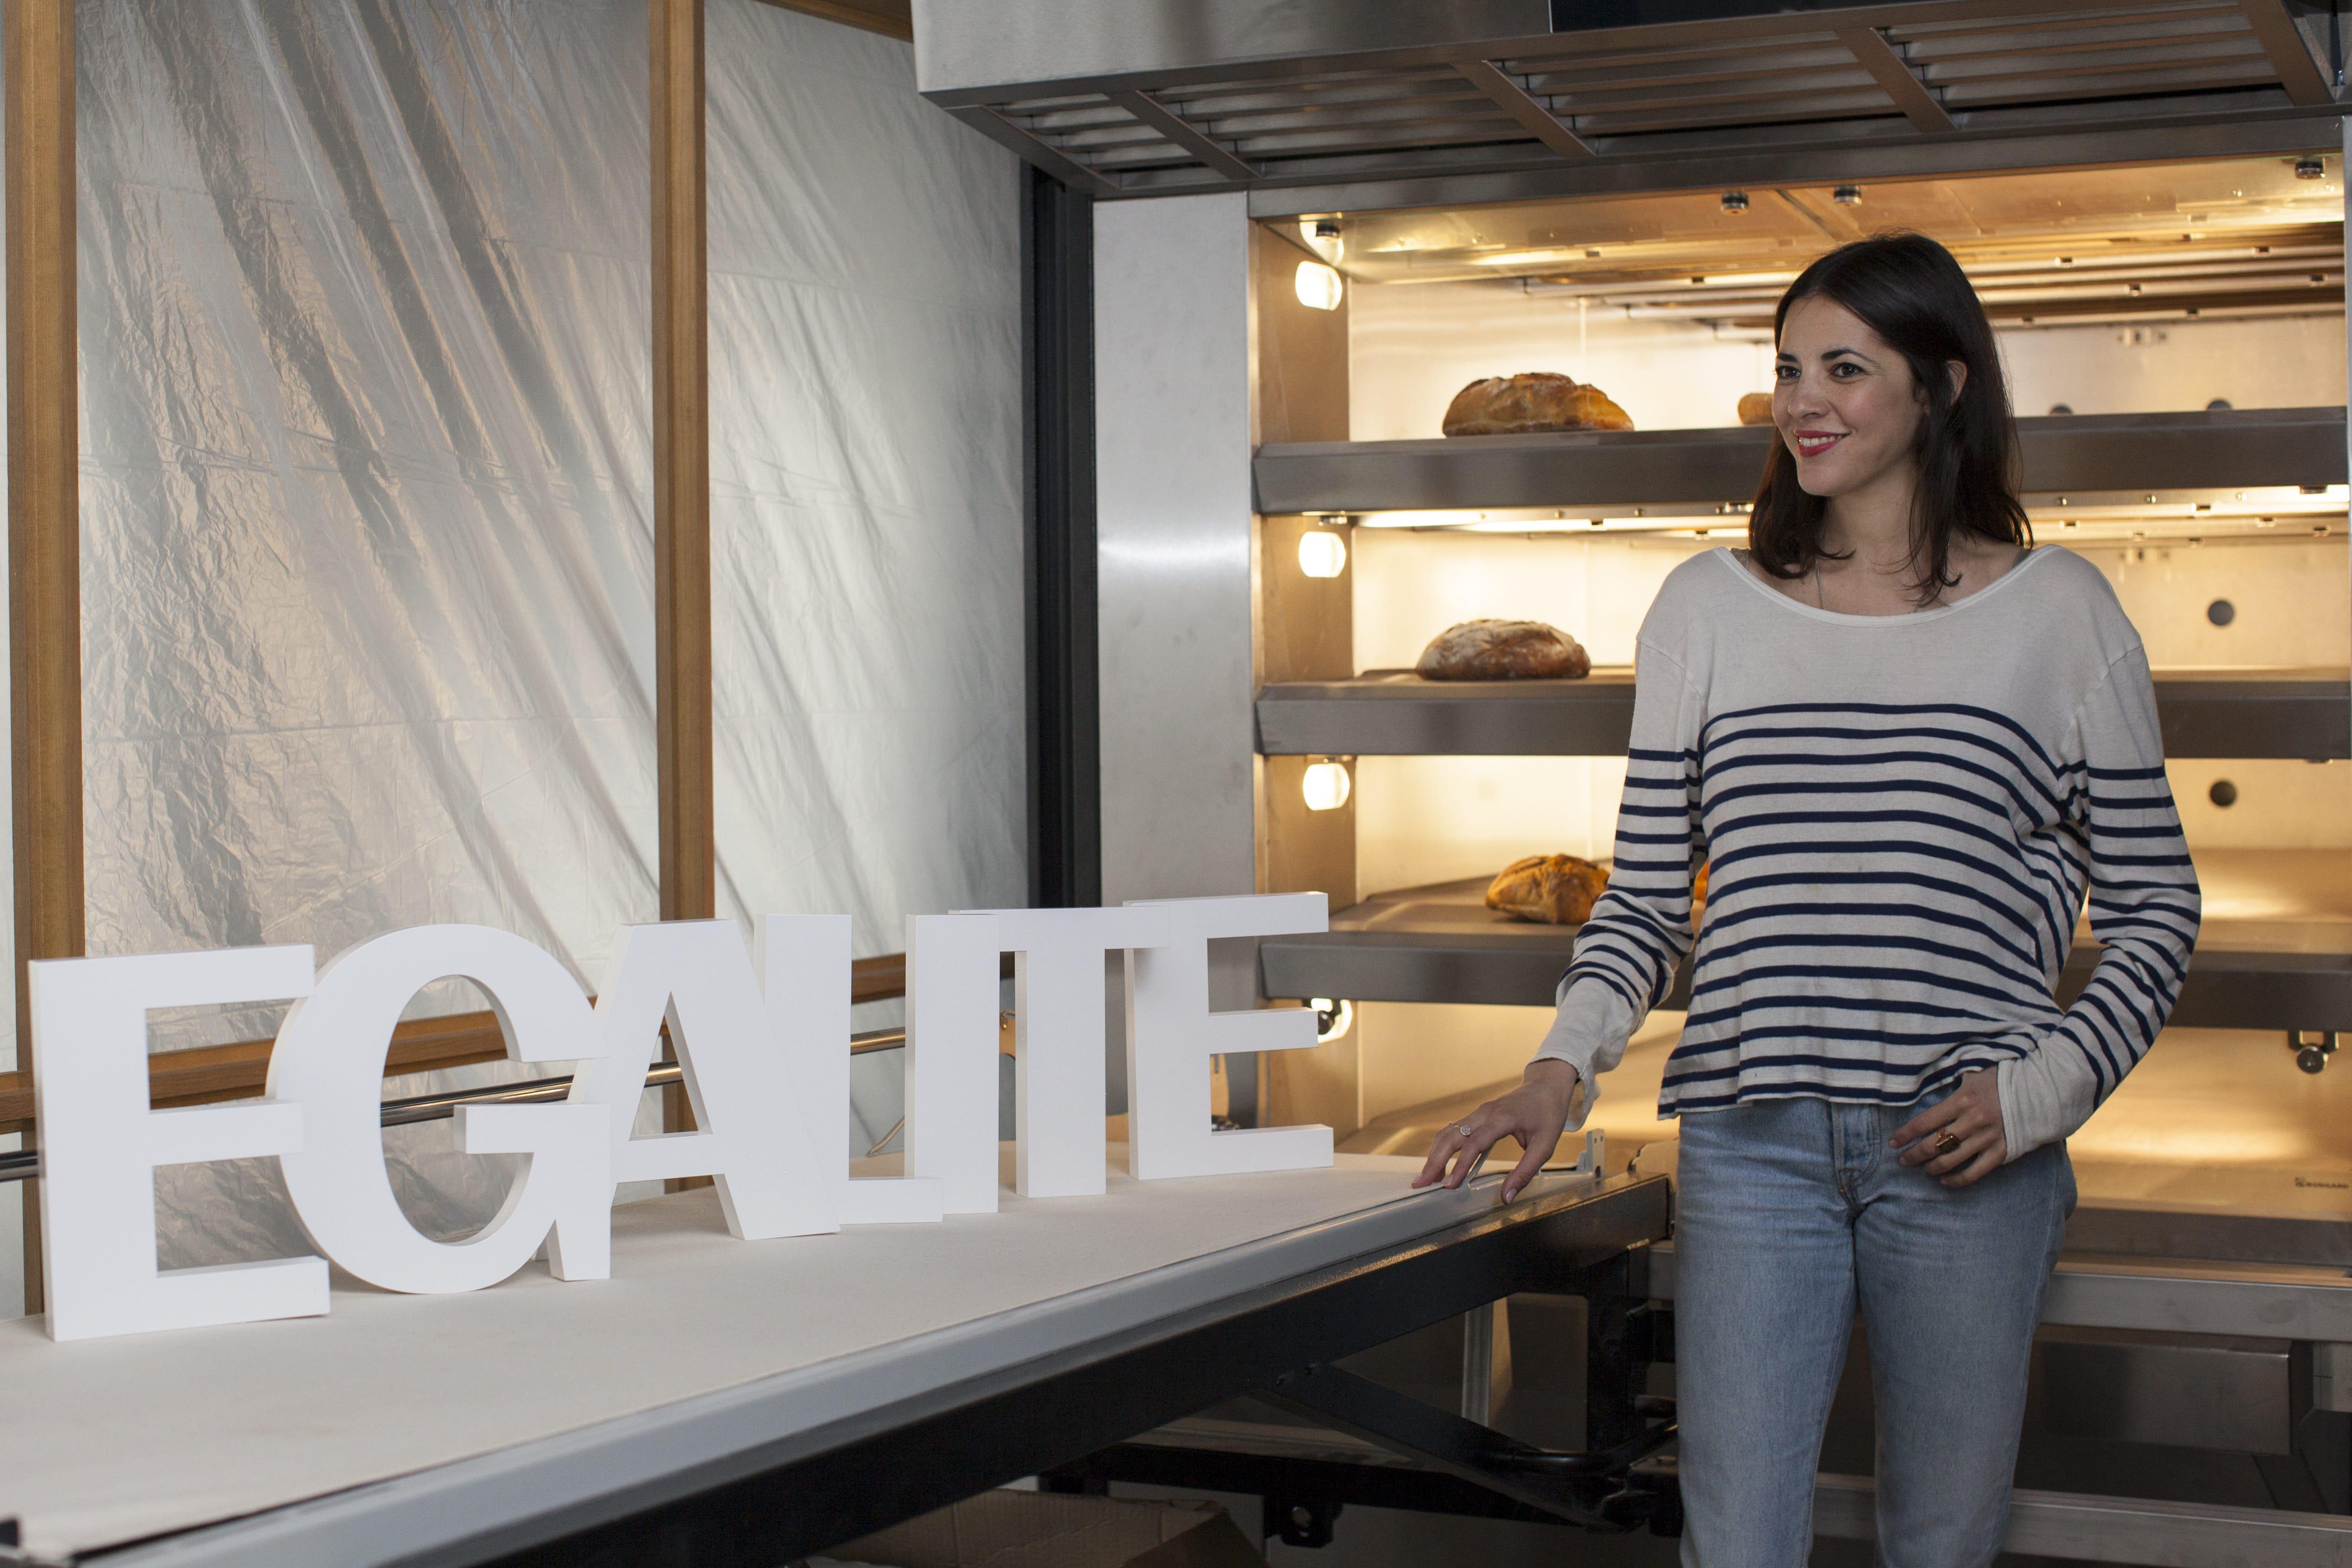 Boulangerie Égalité